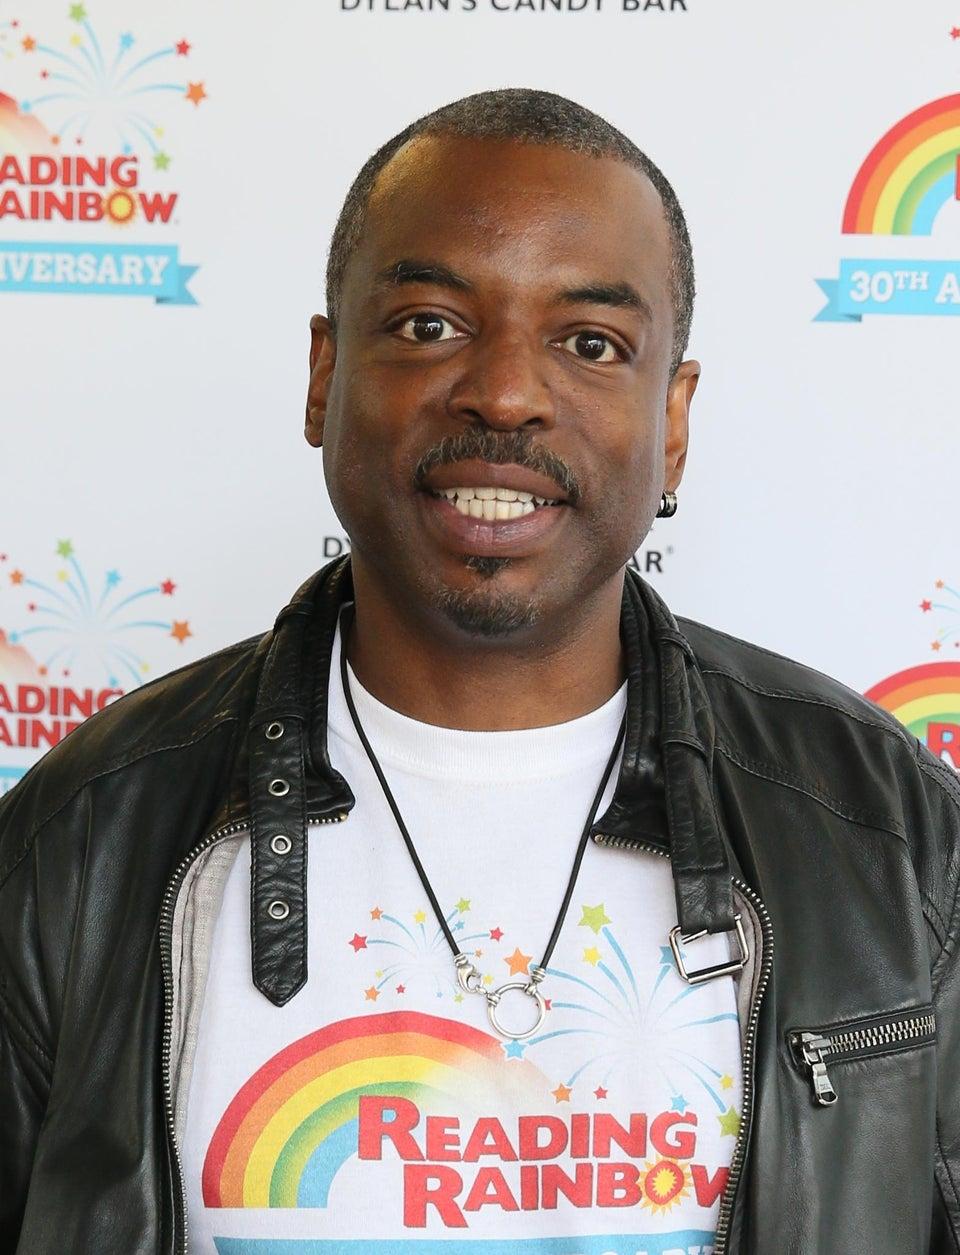 LeVar Burton's 'Reading Rainbow' Kickstarter Campaign Raises $5.4 Million